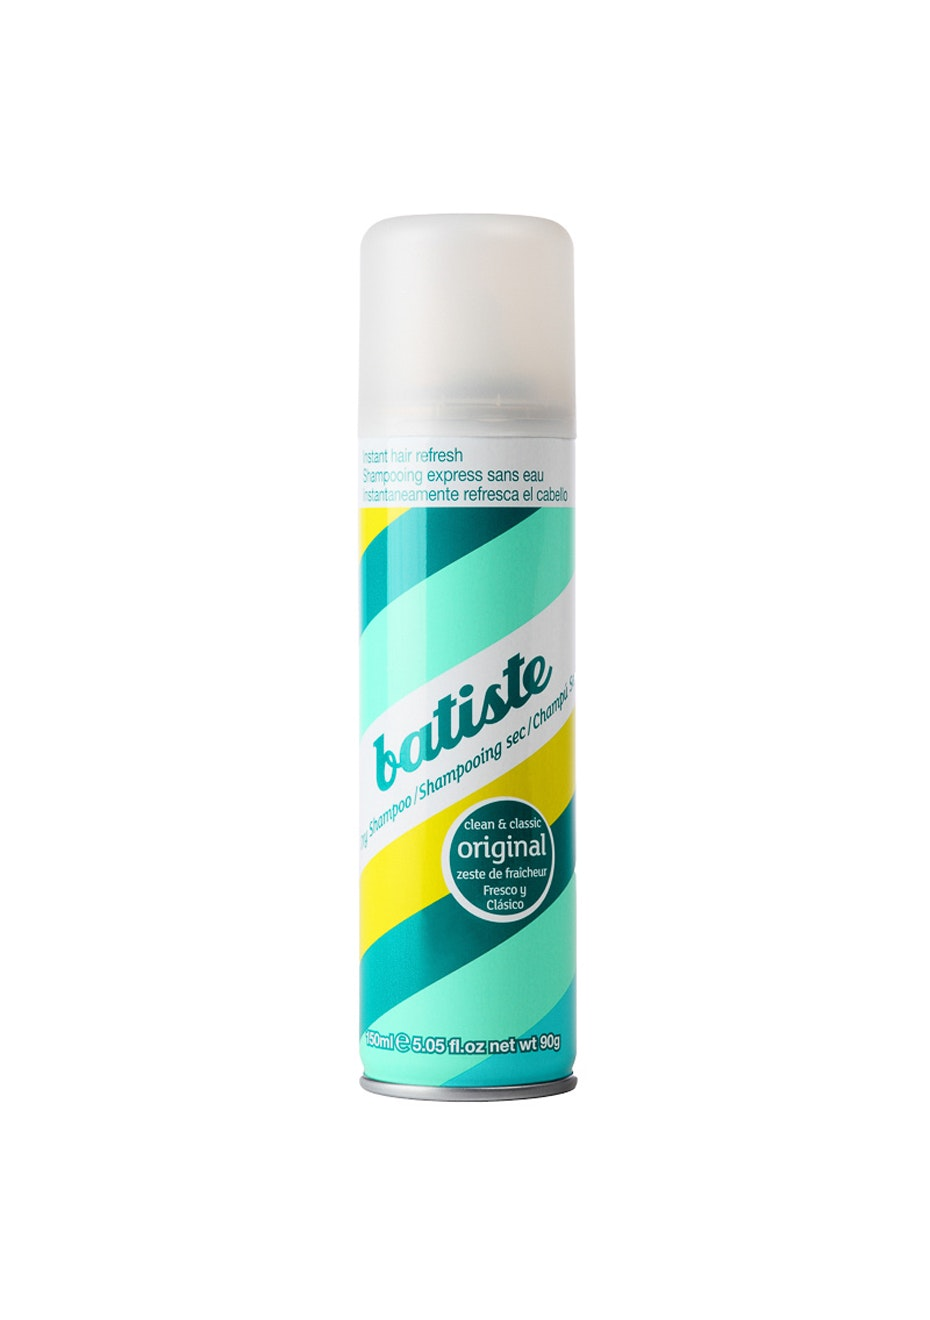 Batiste Dry Shampoo Original 150ml